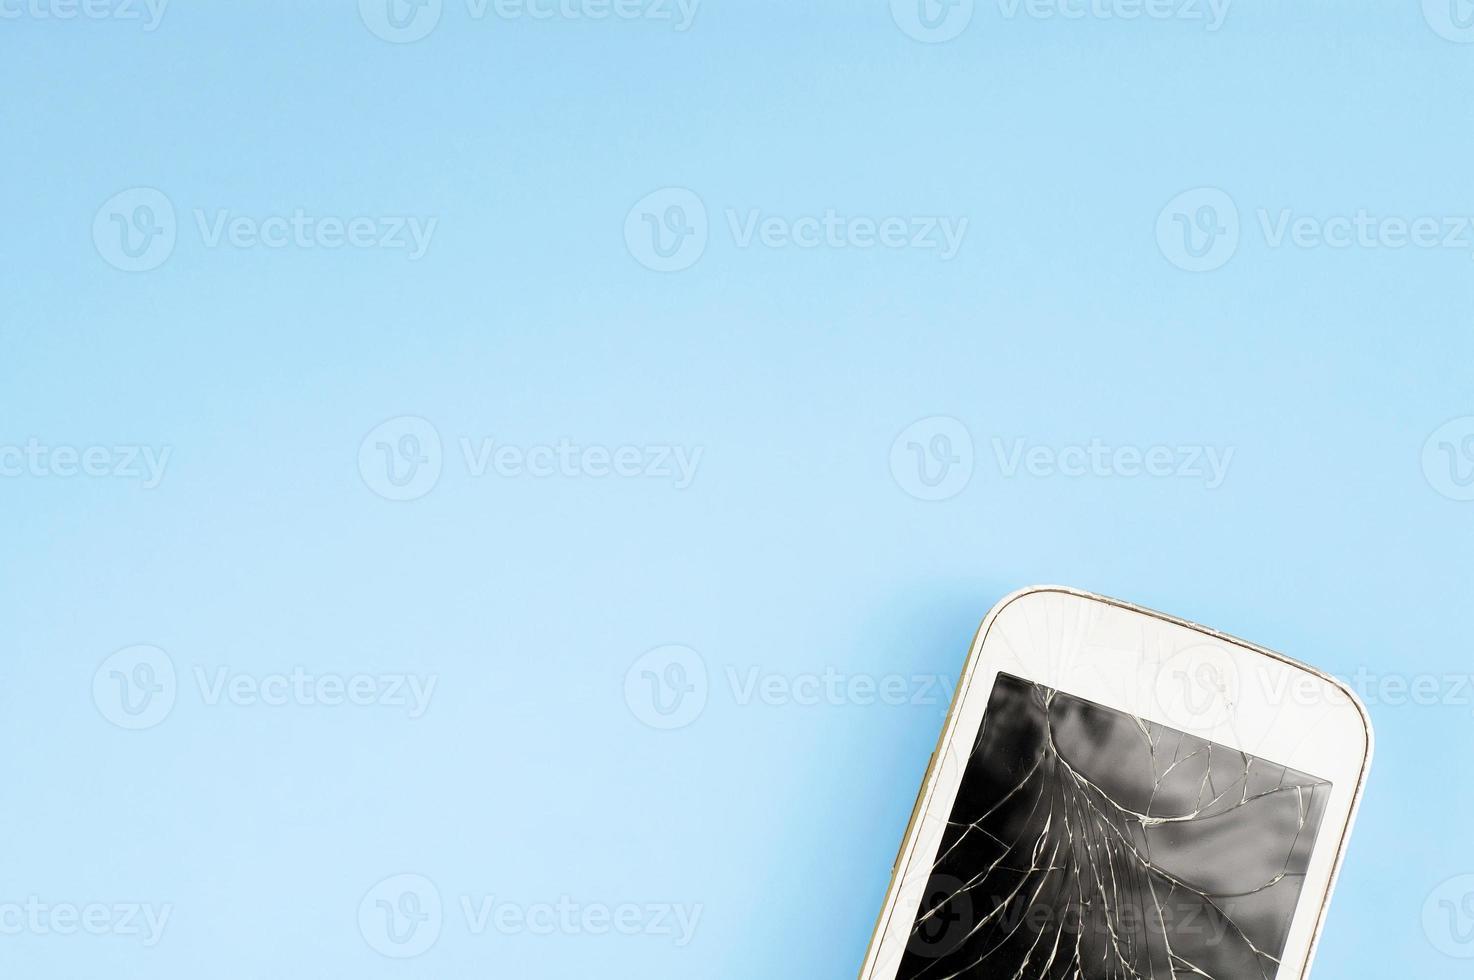 un téléphone portable à écran tactile cassé sur fond bleu avec espace copier-coller gratuit pour le texte photo